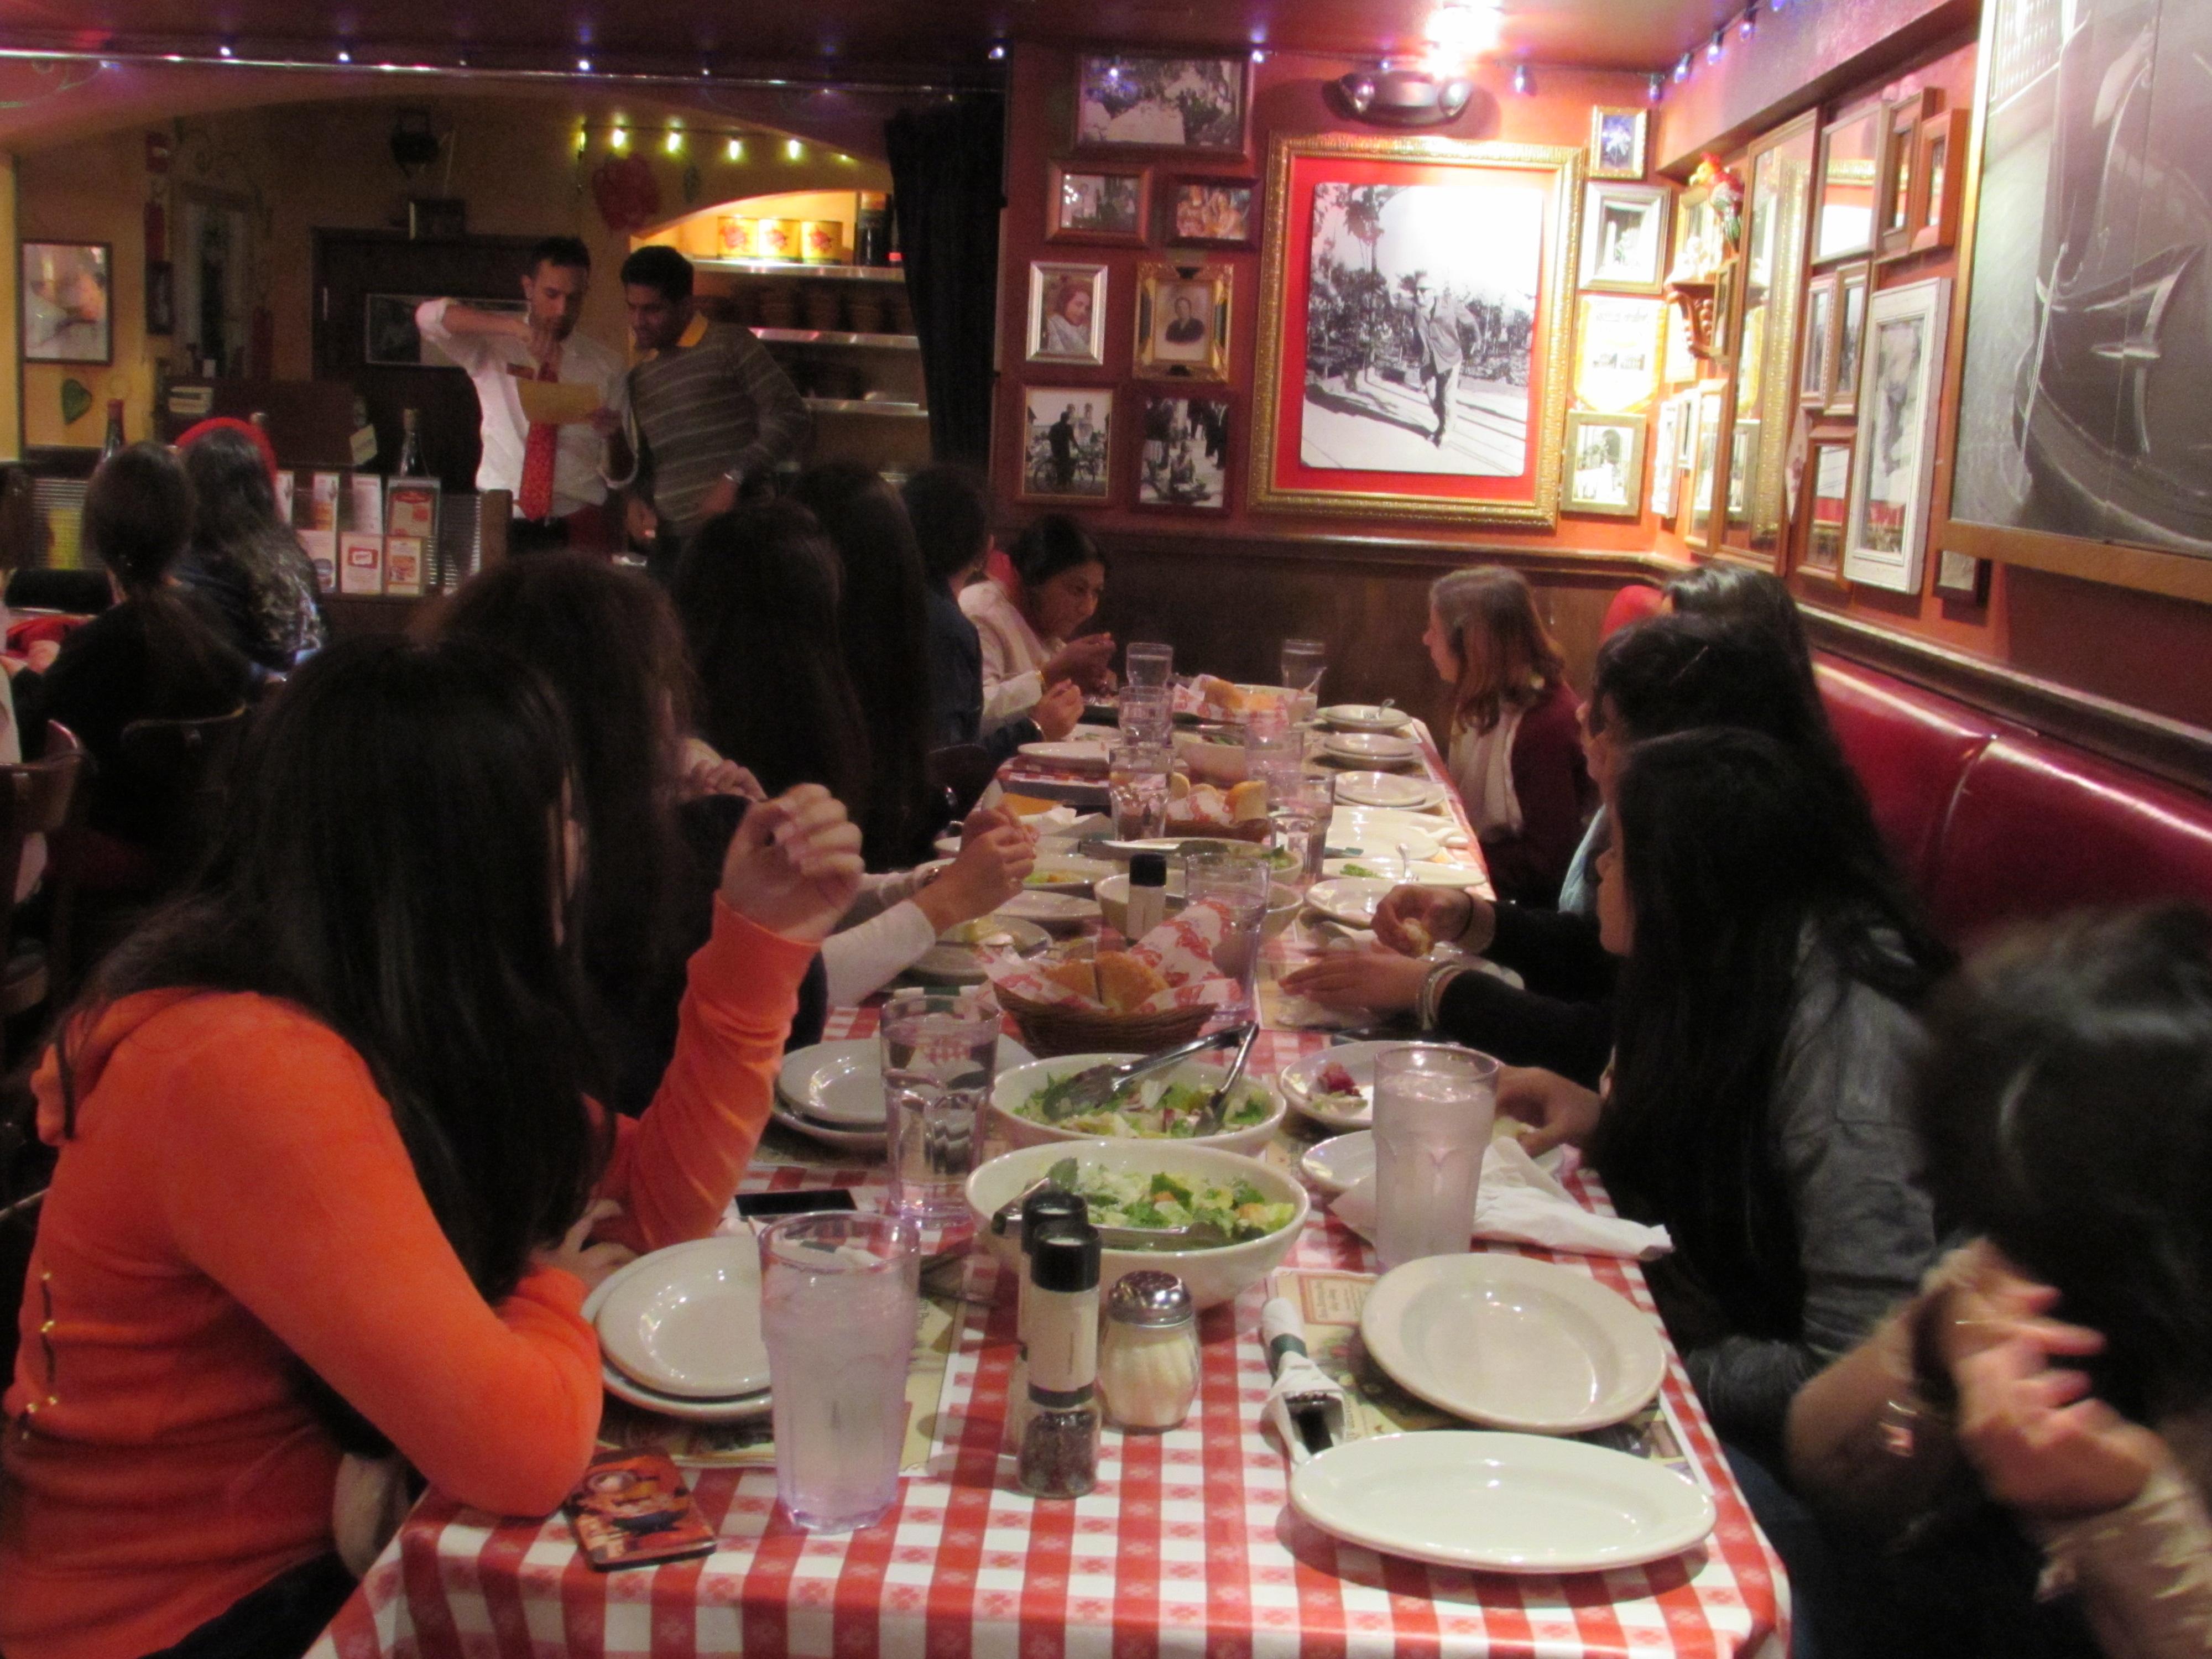 Dinner at Buca di Beppo